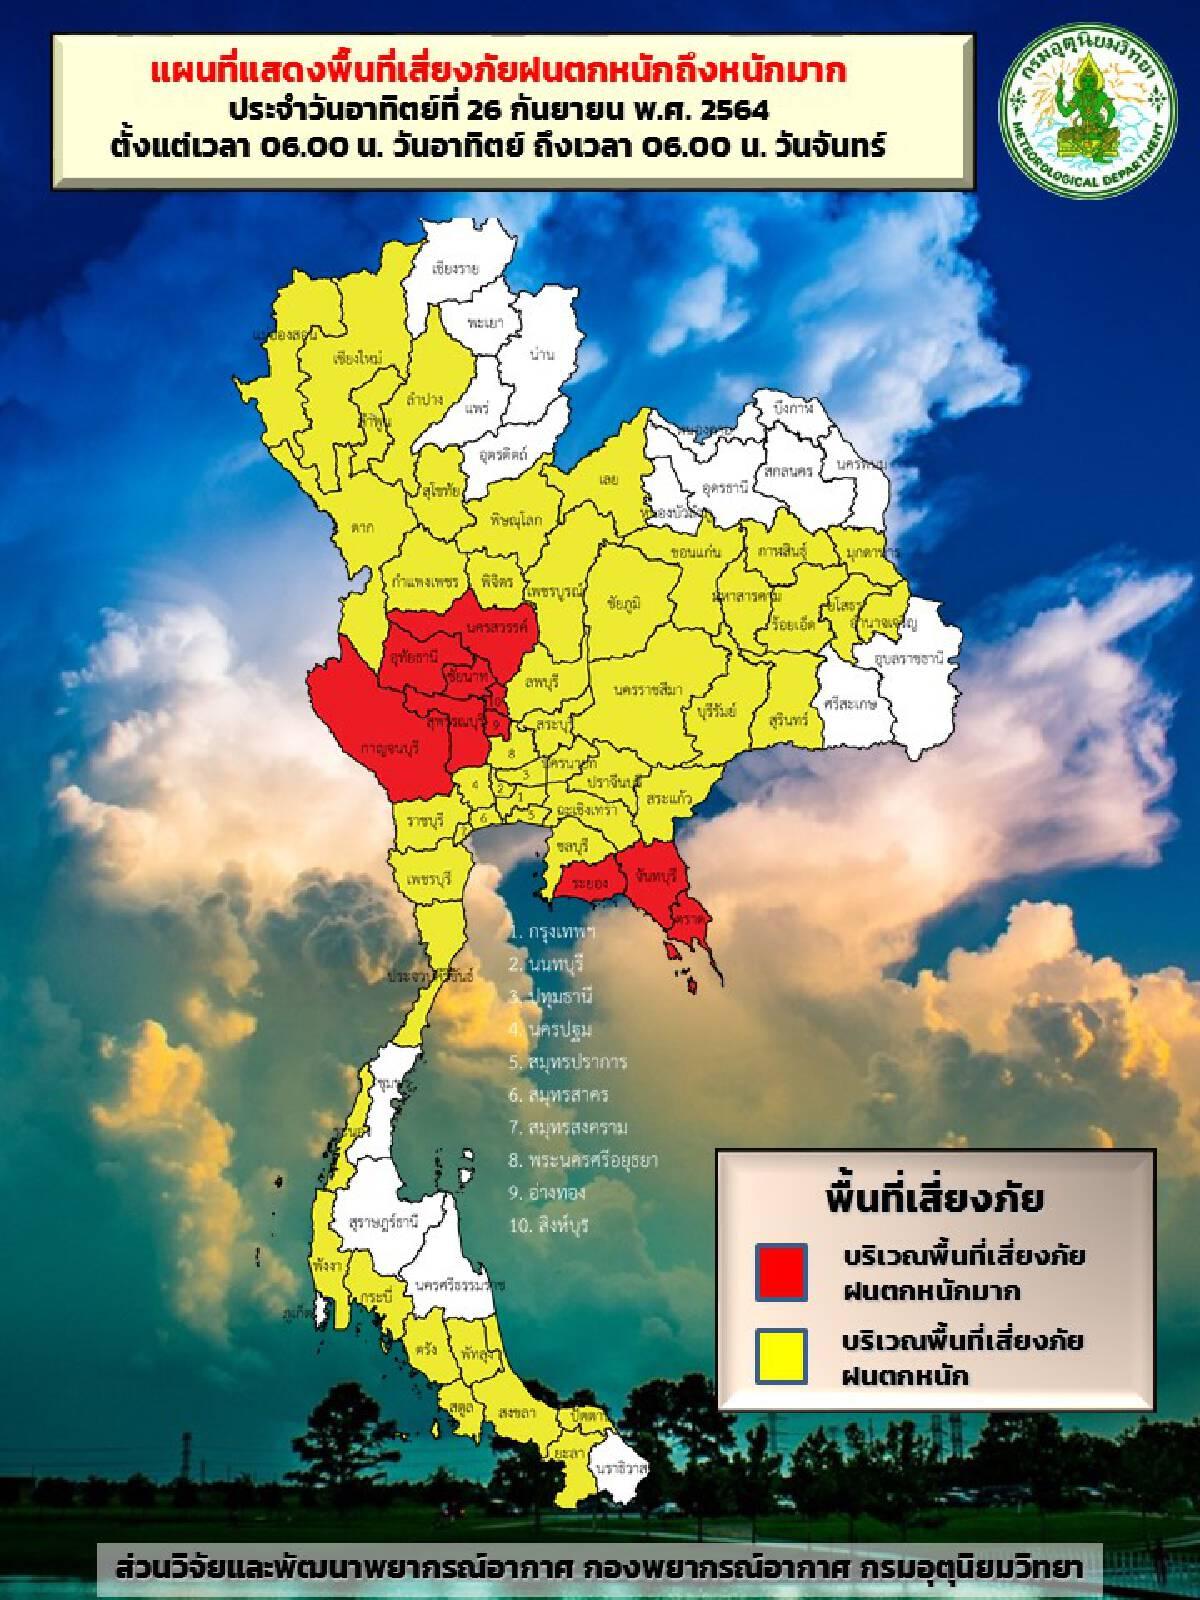 สภาพอากาศวันนี้ ทั่วไทยมีฝนฟ้าคะนอง กลาง-ตอ.ตกหนักถึงหนักมากบางพื้นที่